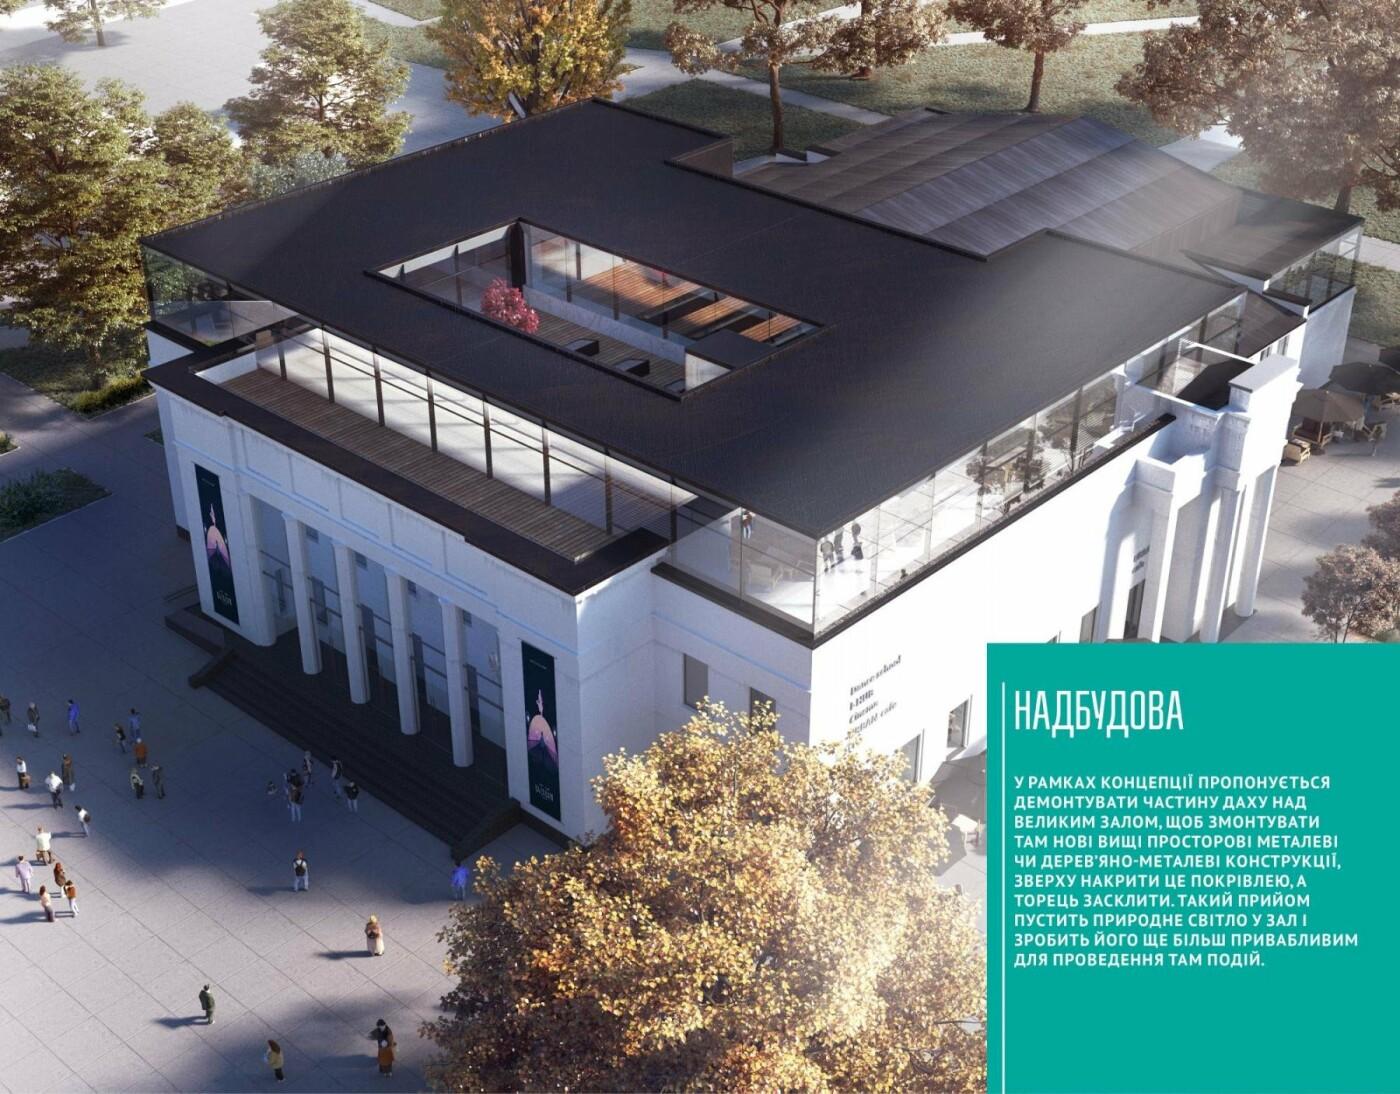 Концепція розвитку: яким буде кінотеатр Шевченка в майбутньому, фото-25